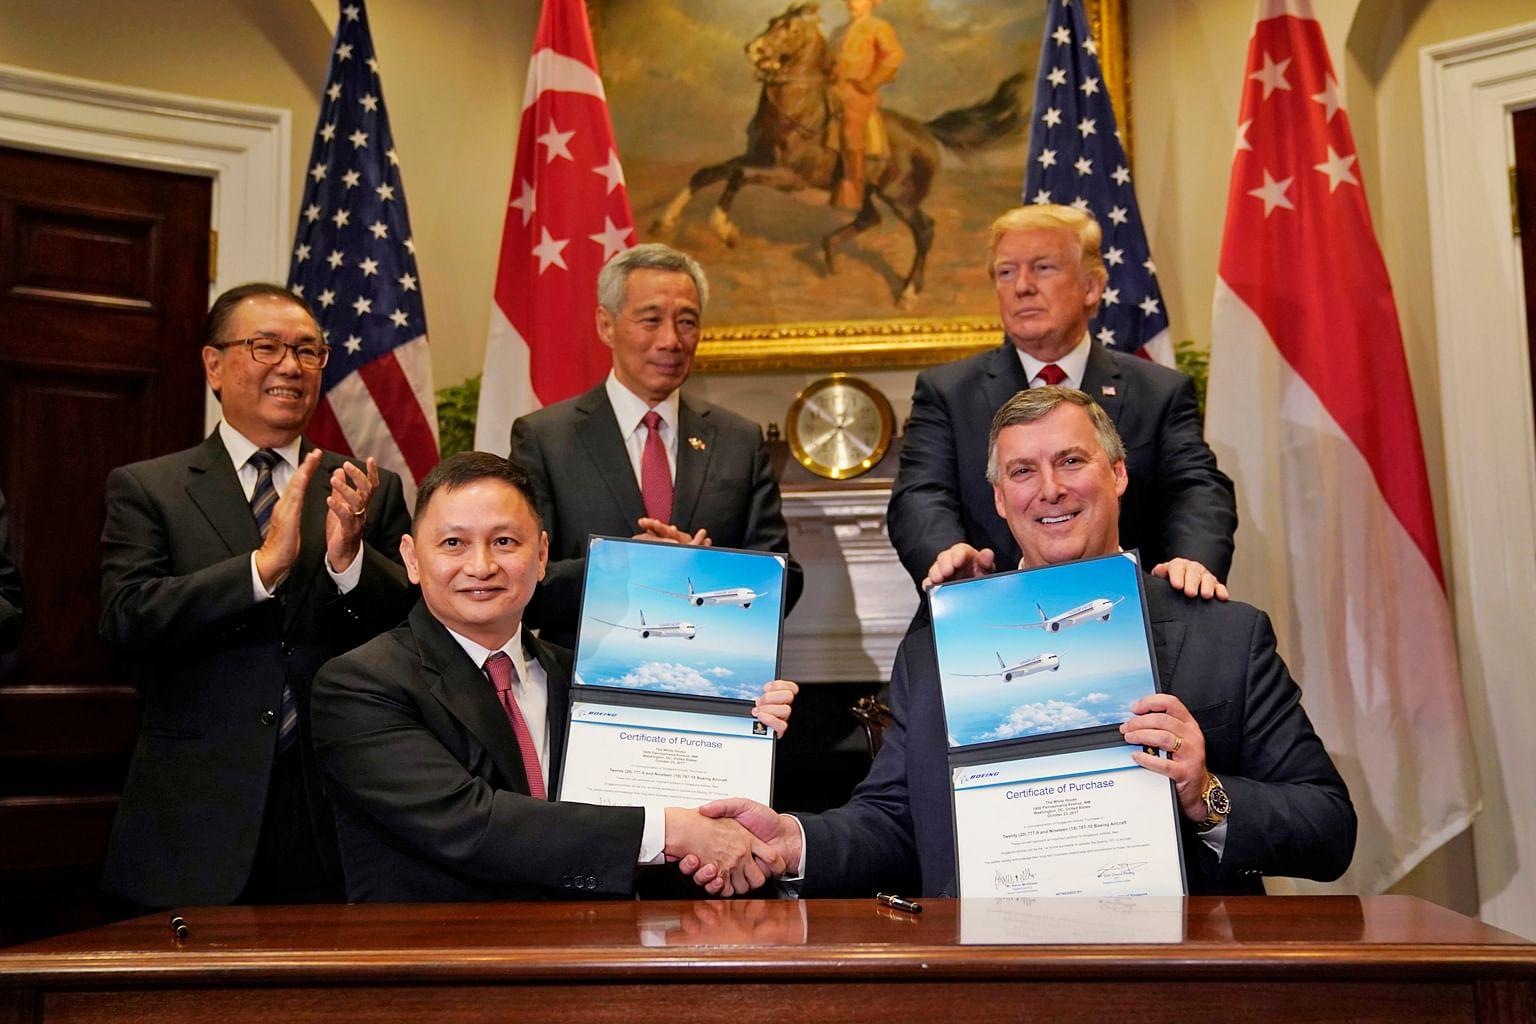 SIA meterai perjanjian beli pesawat Boeing bernilai $19 bilion